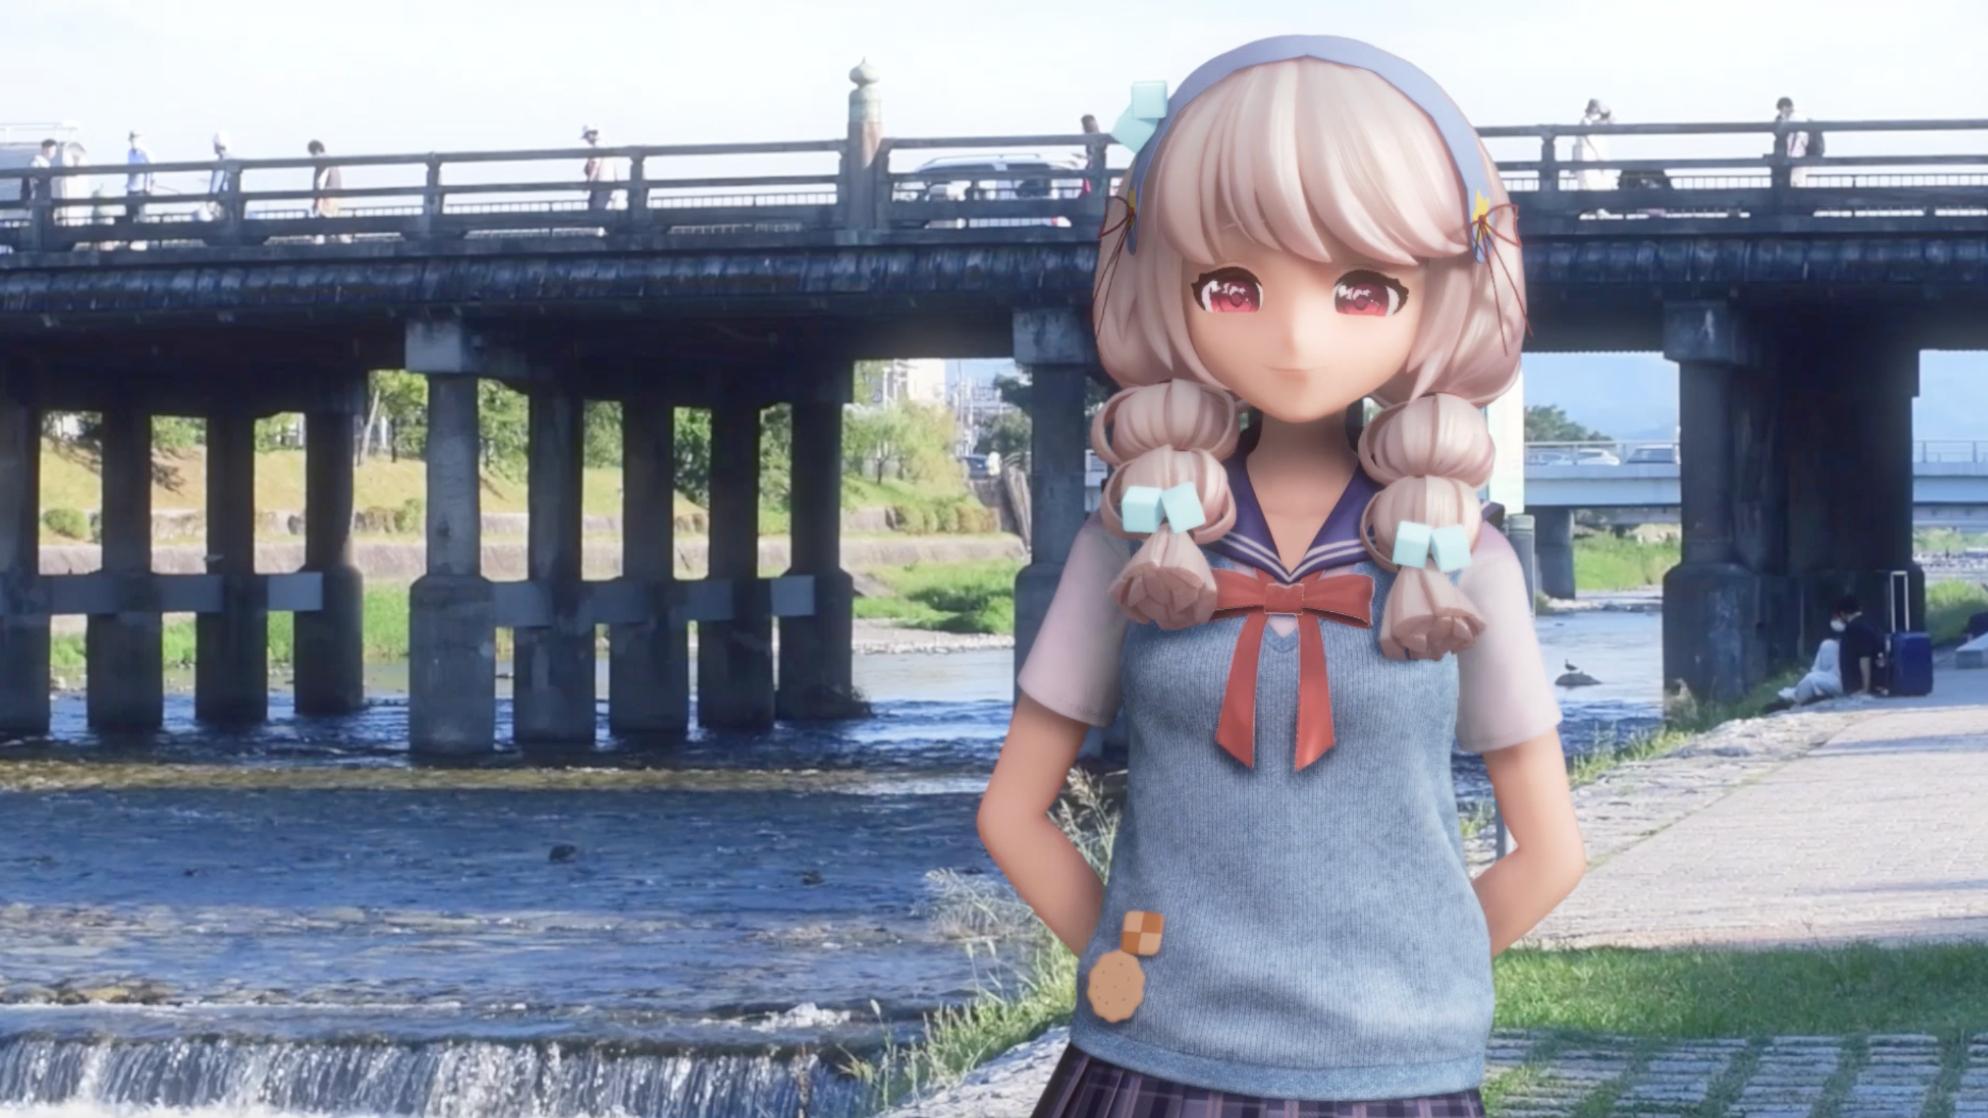 【自我介绍】我是糖依Amei